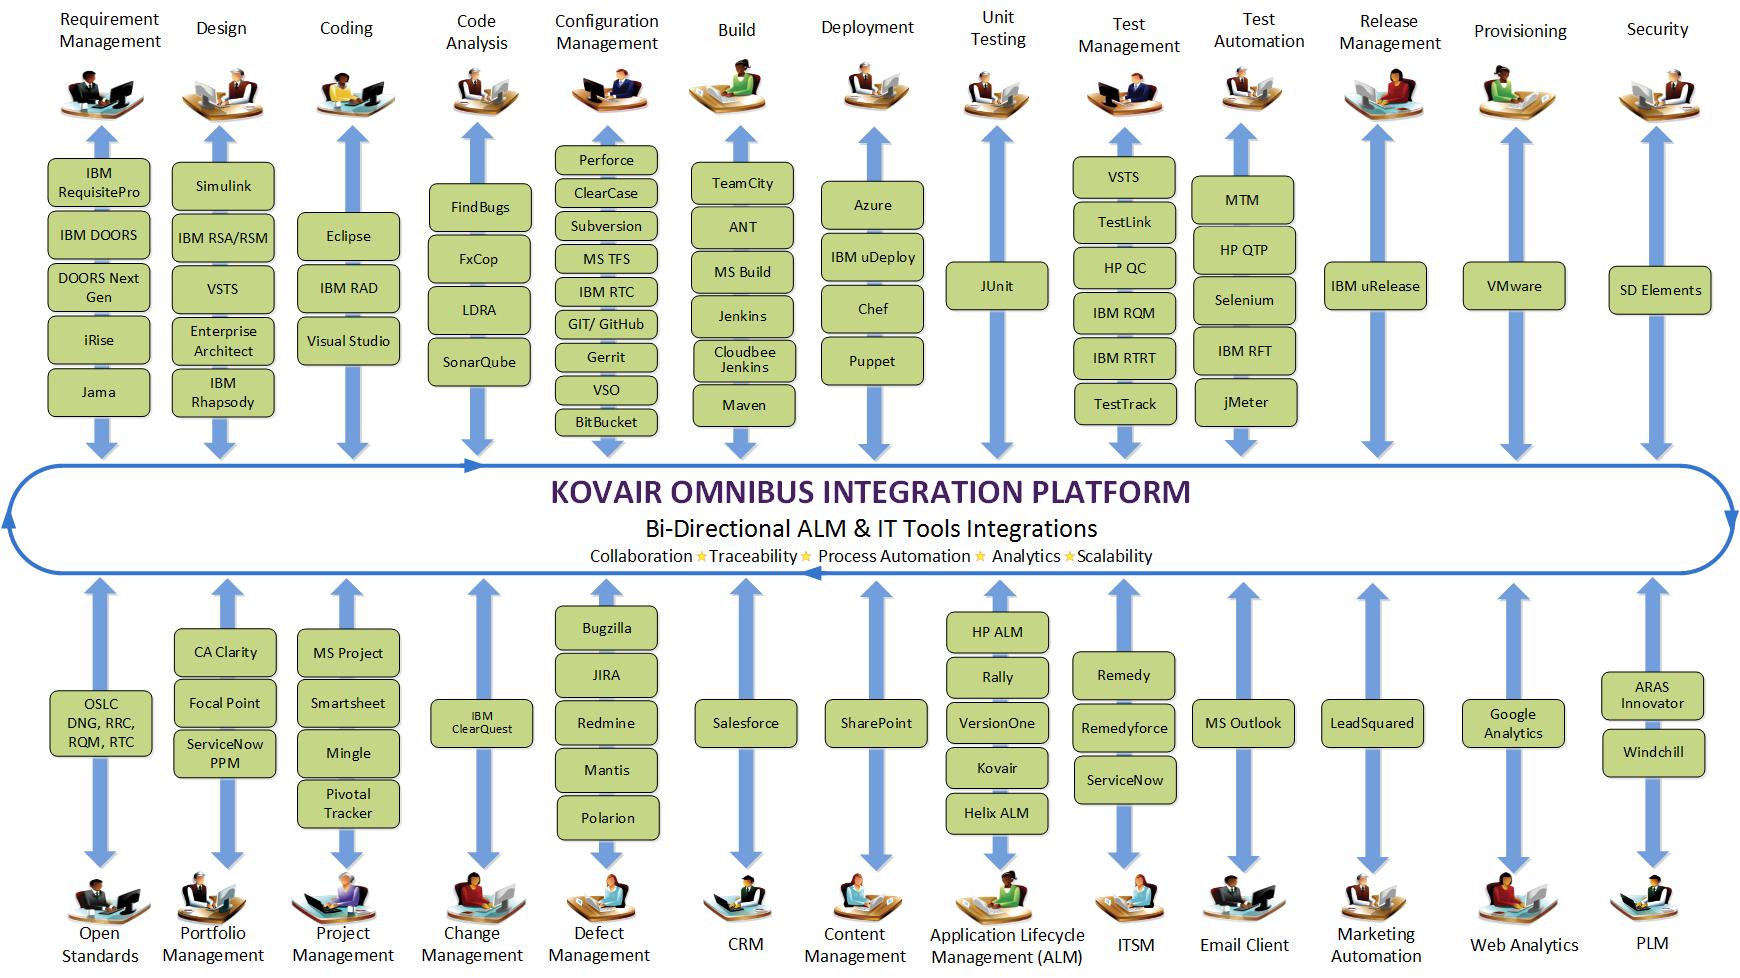 list of Integrations from Kovair